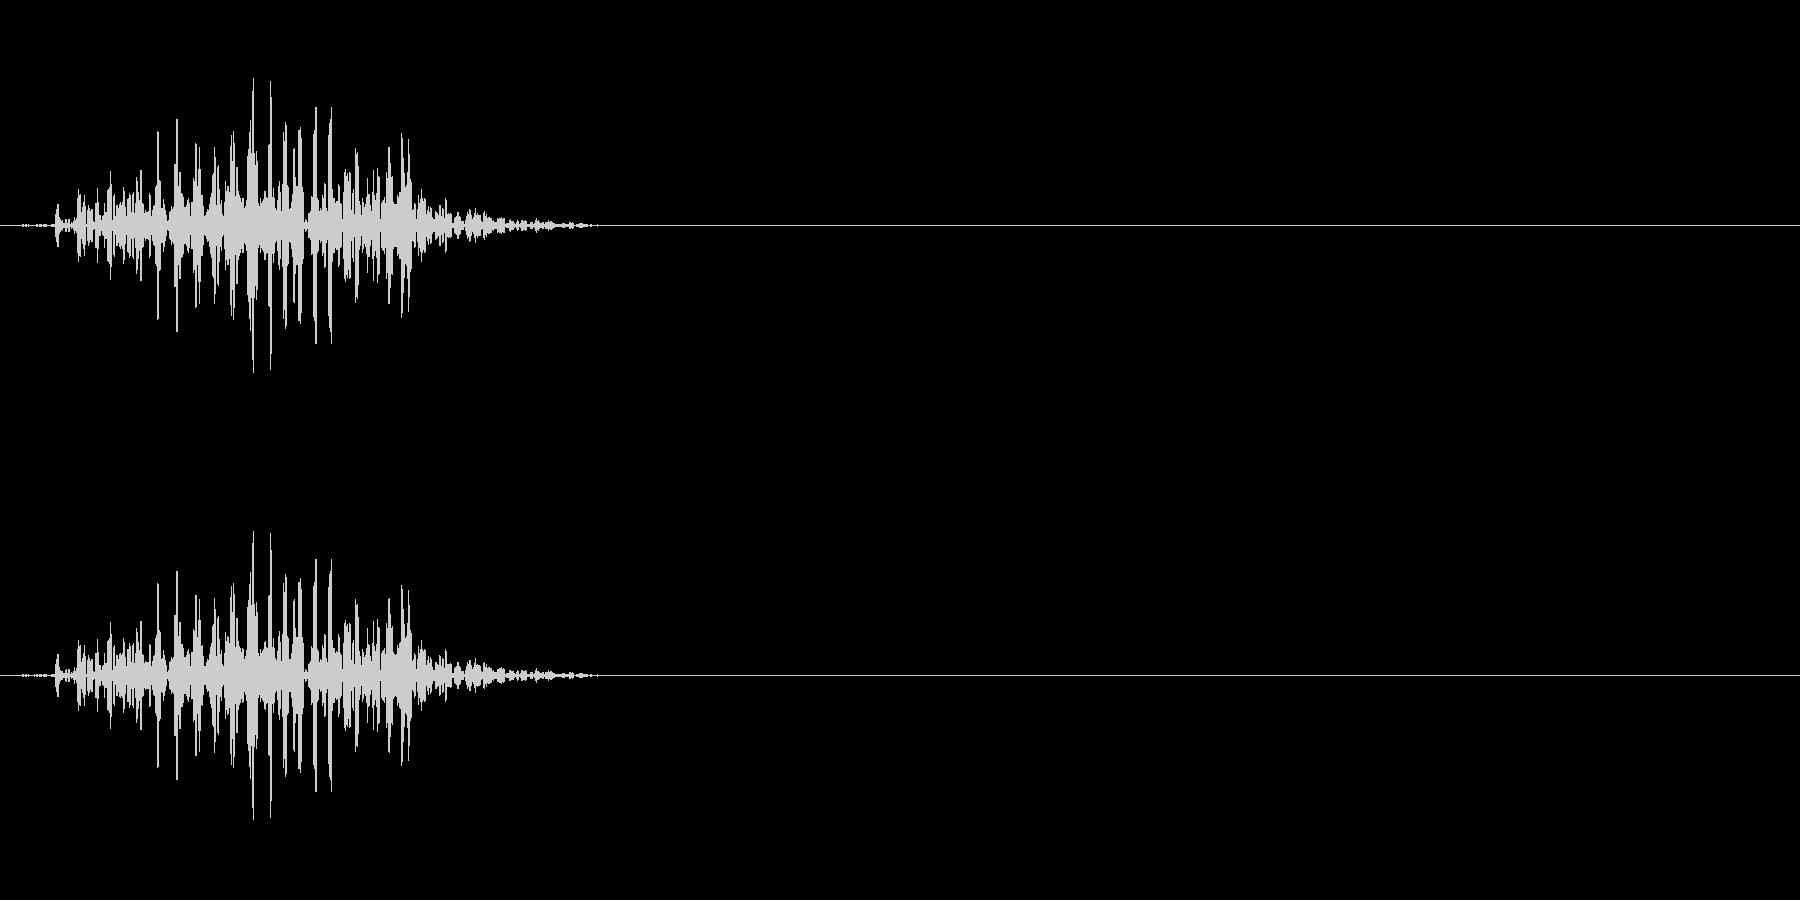 クリーチャーの発声 1の未再生の波形